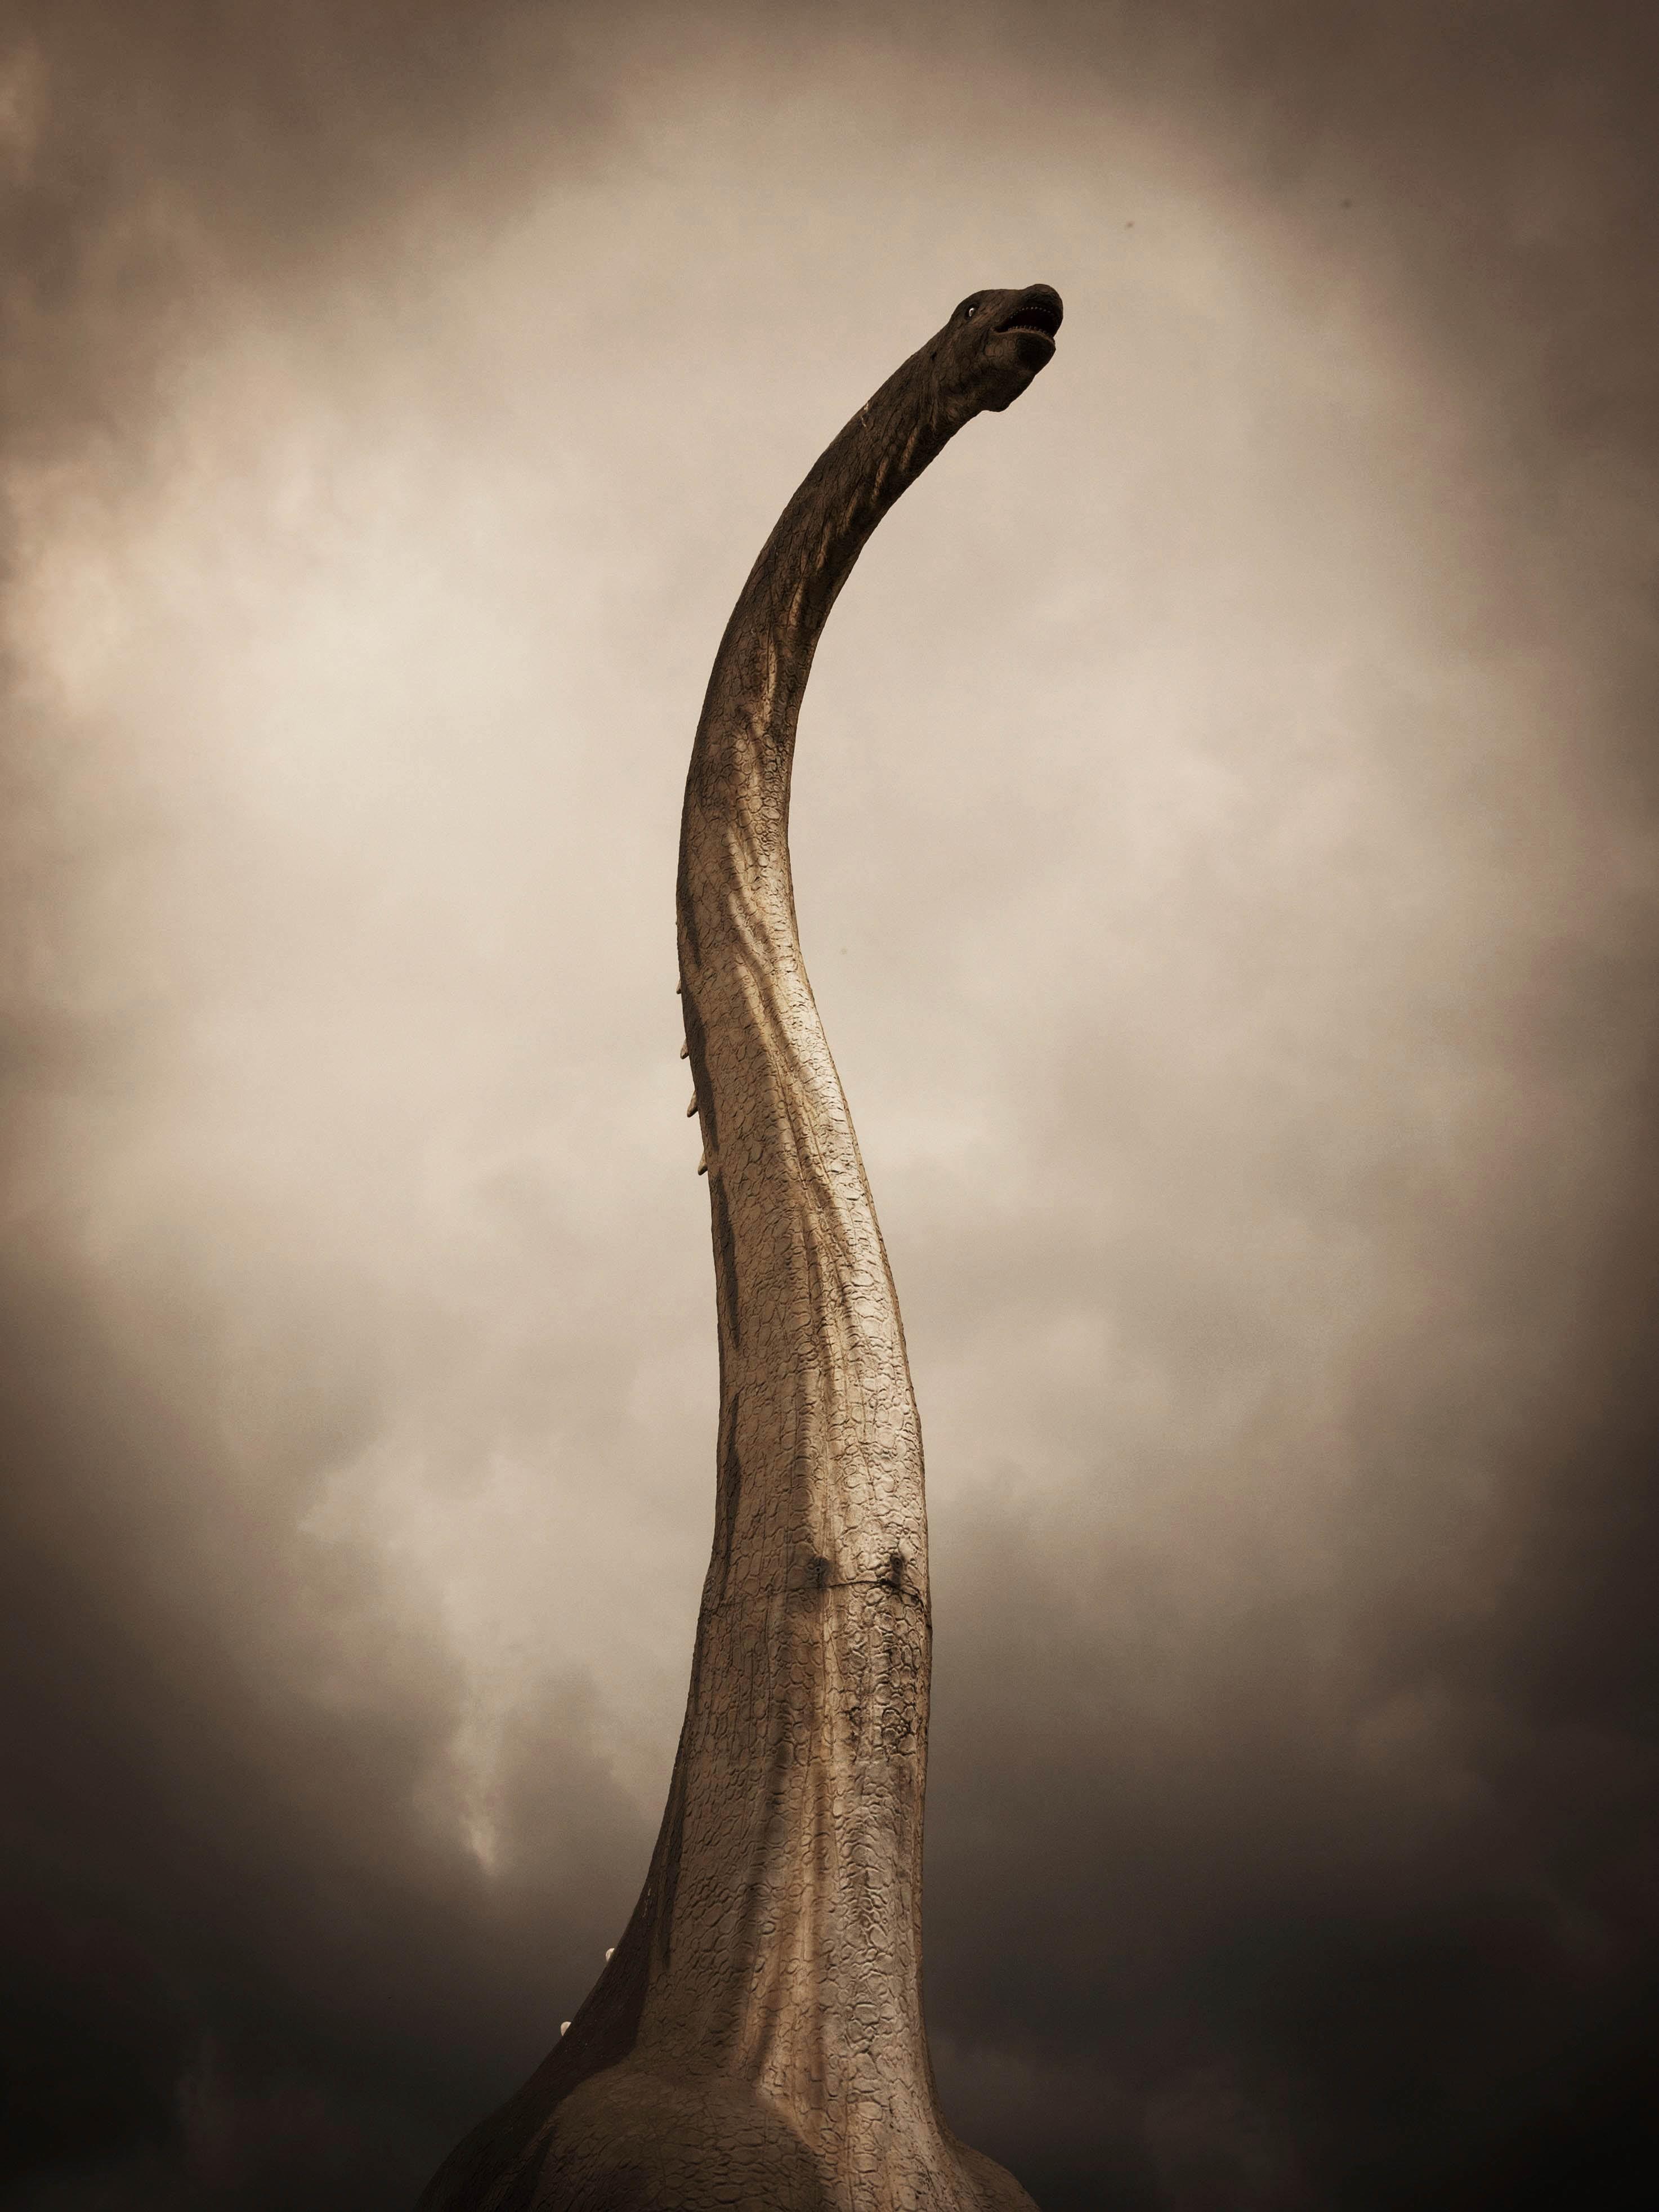 An erected wooden statue.